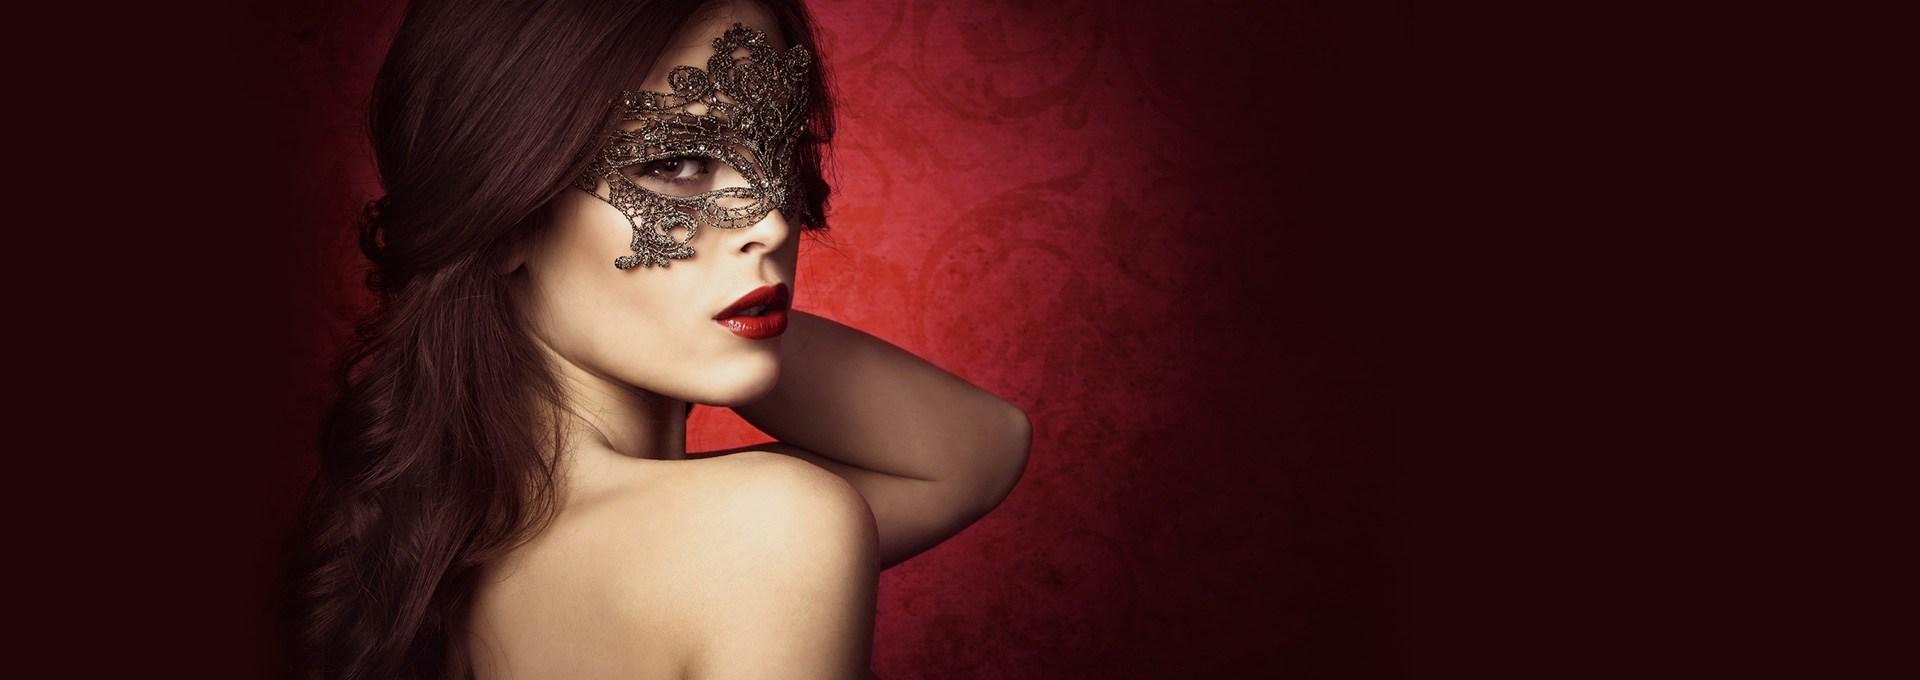 Intimità Italia – Il Sexy Shop online, anonimo al 100% Header